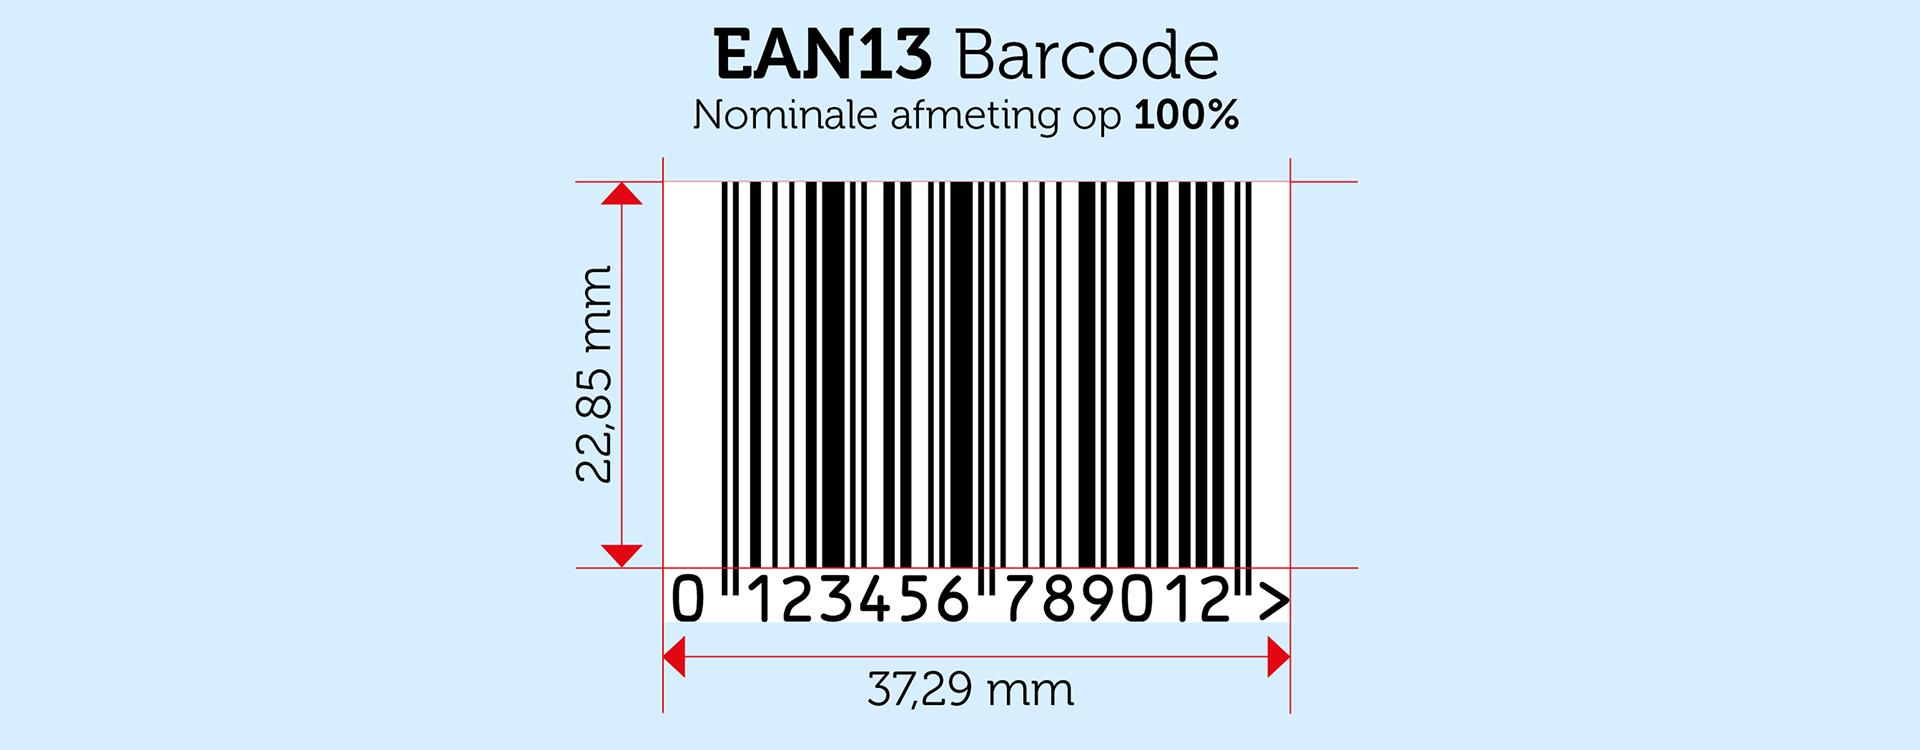 Barcode afmetingen